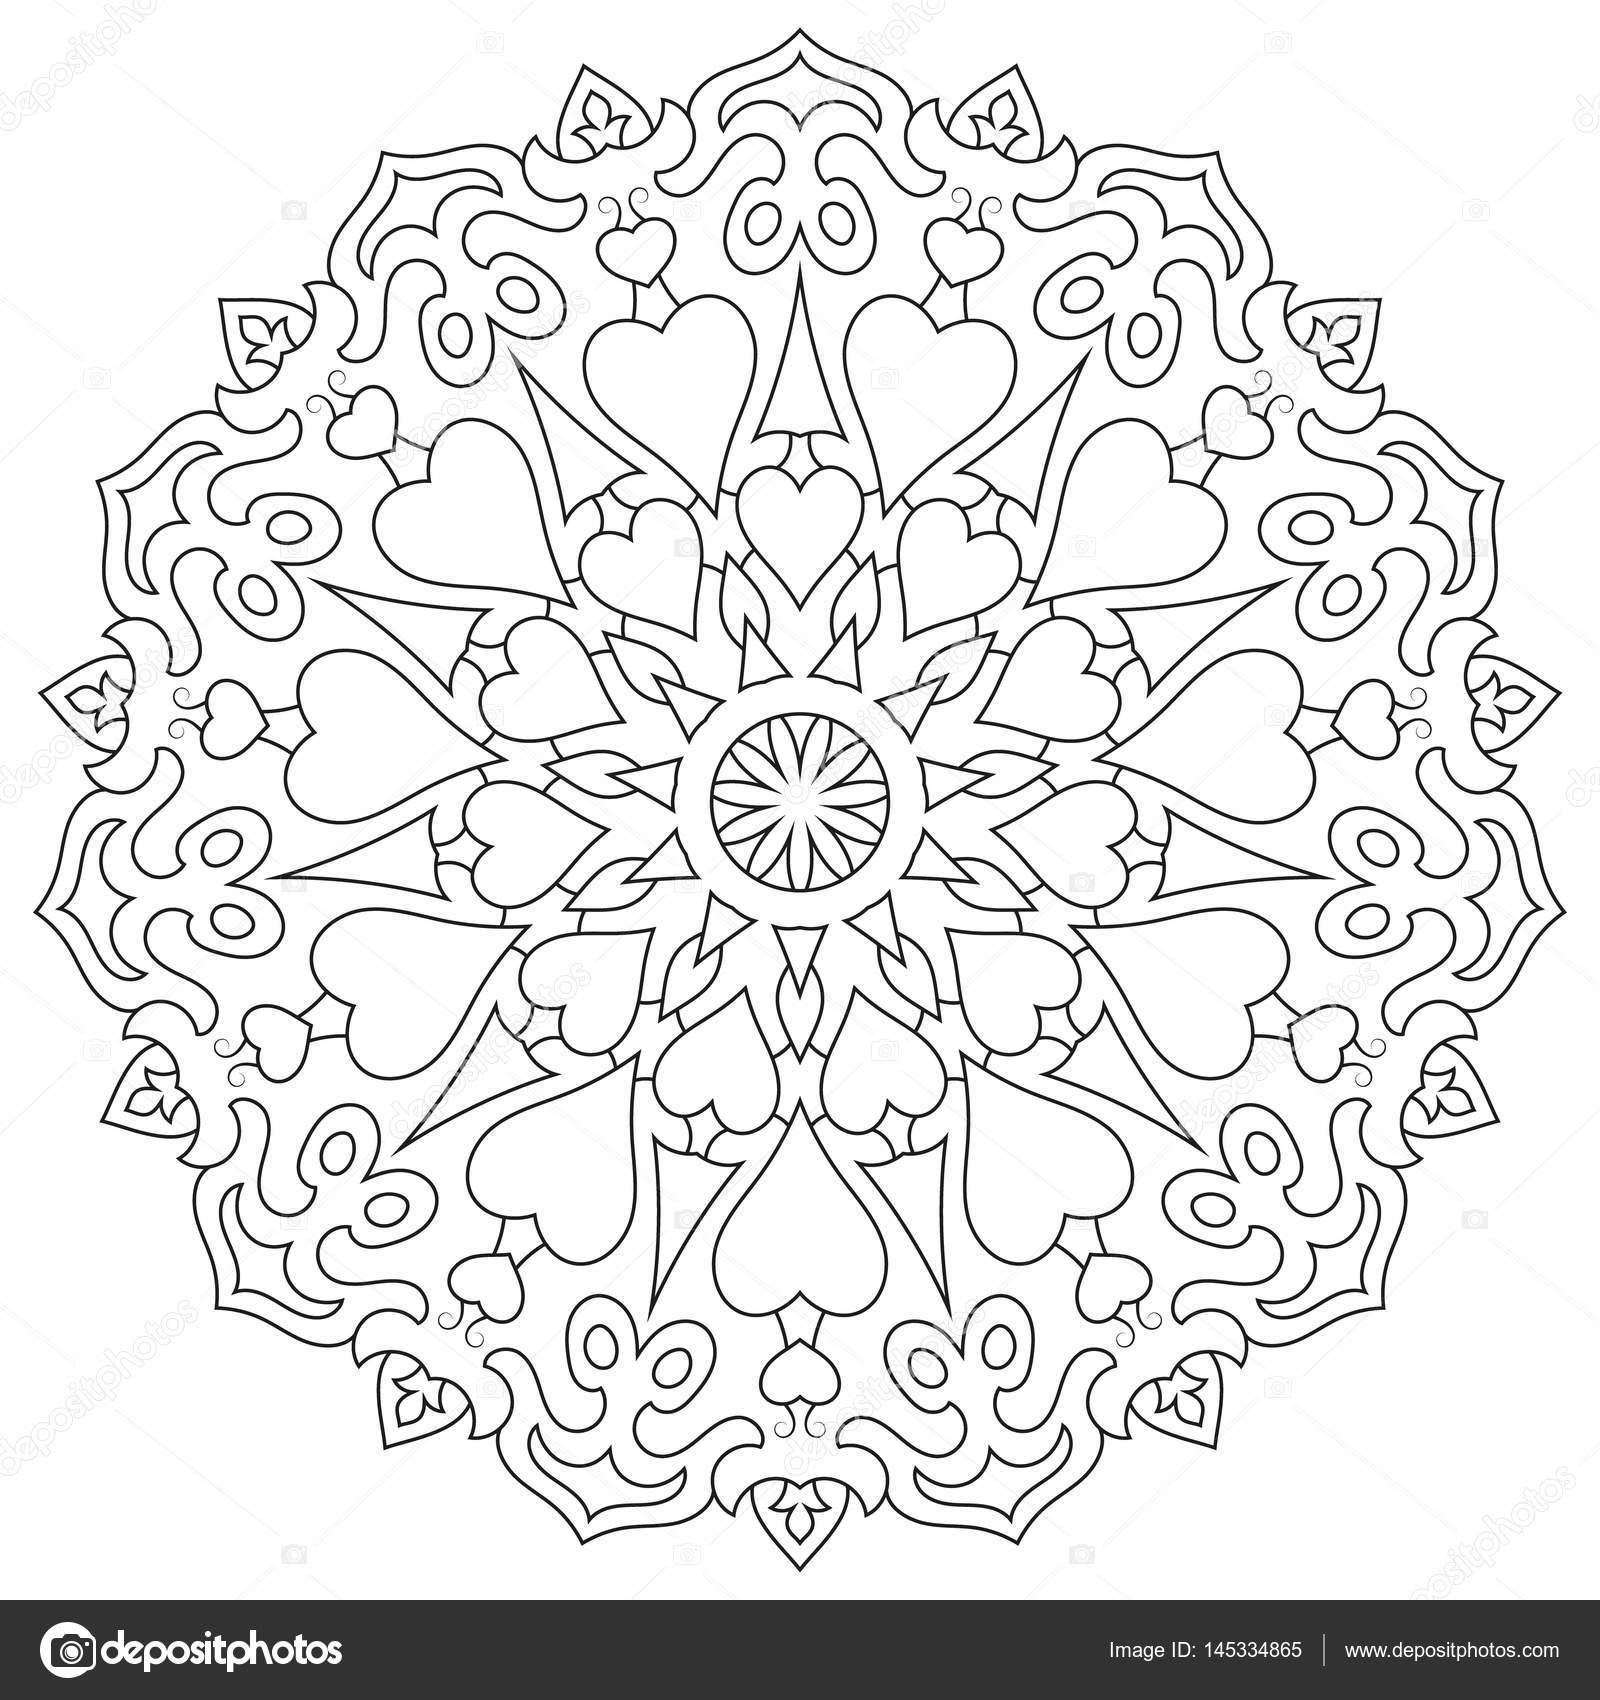 Kleurplaten Mandala Hartjes.Kleurplaat Mandala Met Hart Geisoleerd Op Een Witte Pagina